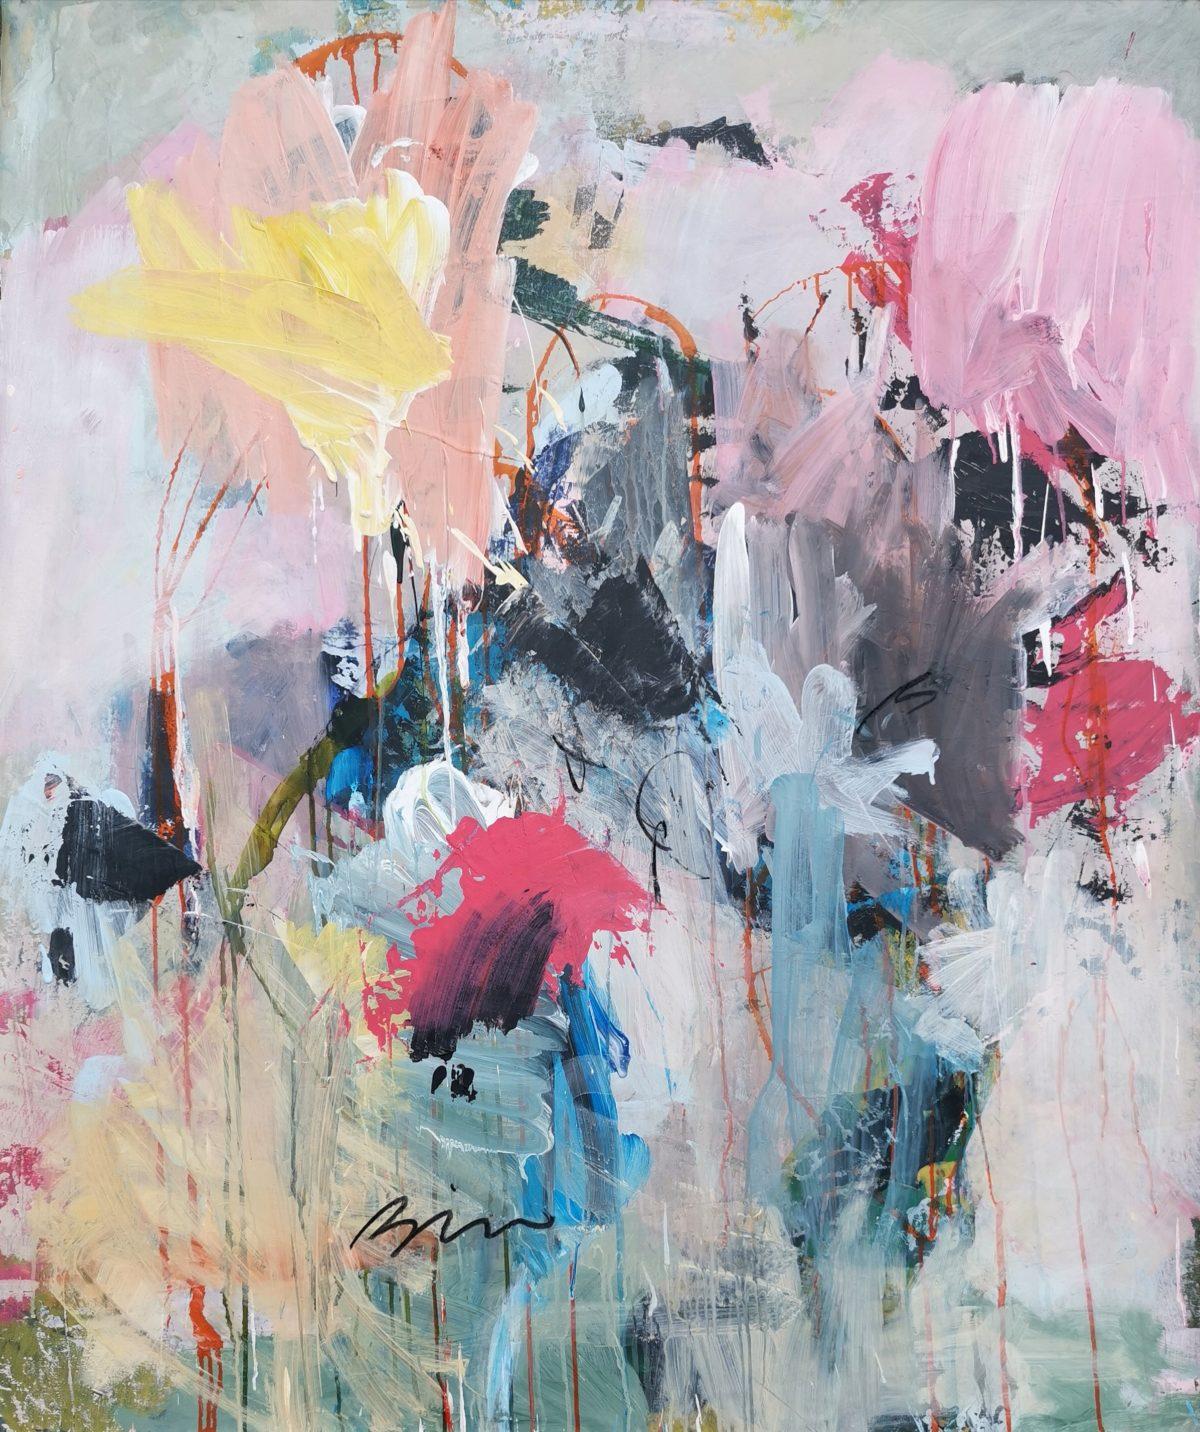 Toni Bico - Festive de flores